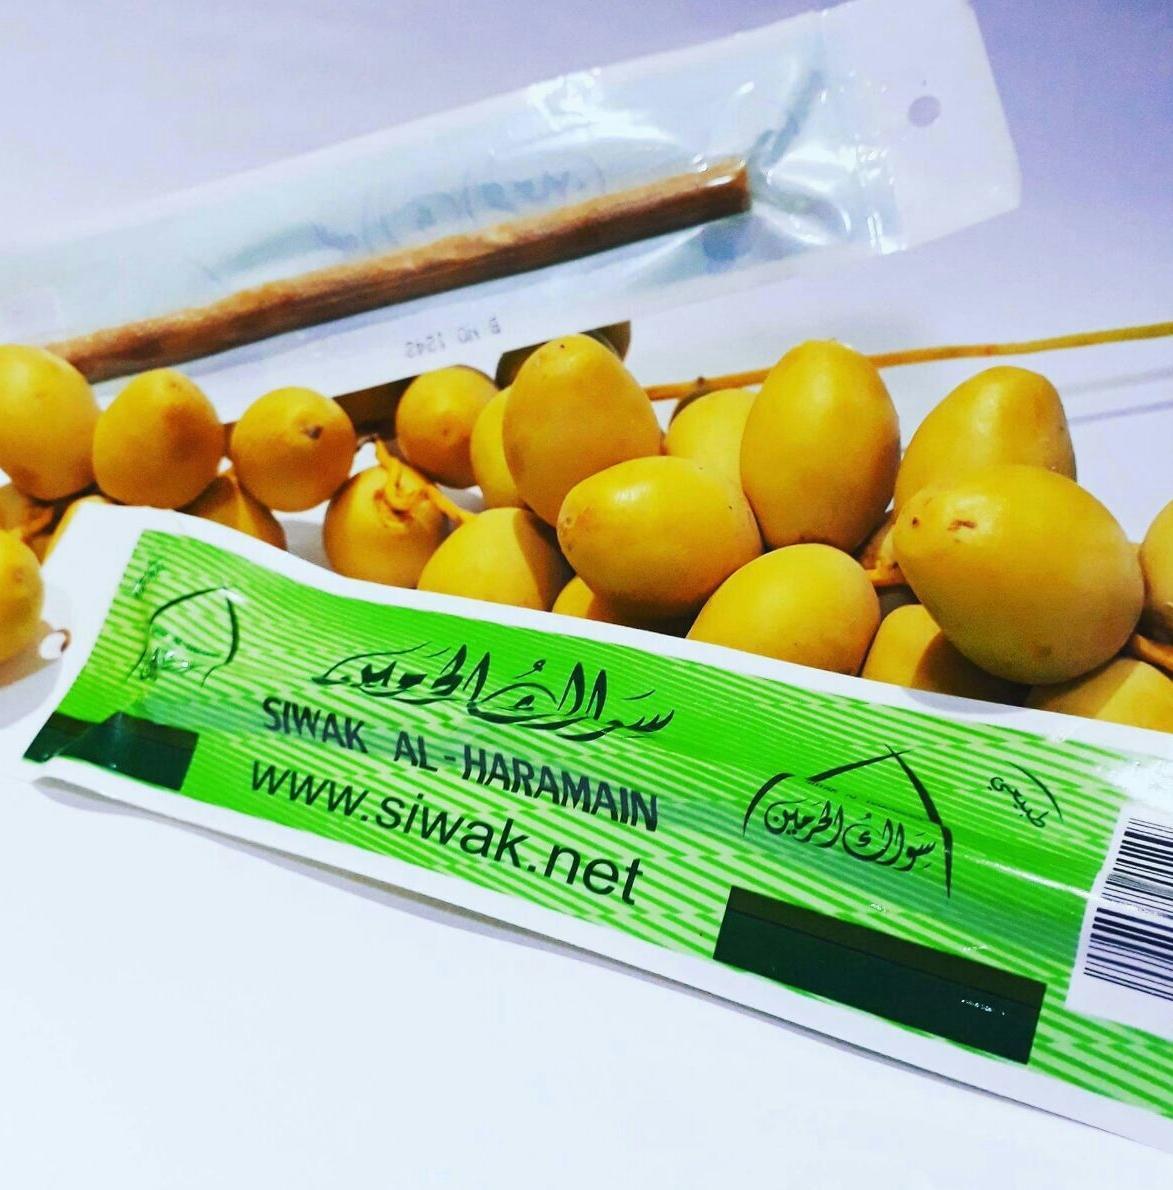 Jual Produk Siwak Online Terbaru Di Al Haramain With Holder Hamaramain Premium Miswak